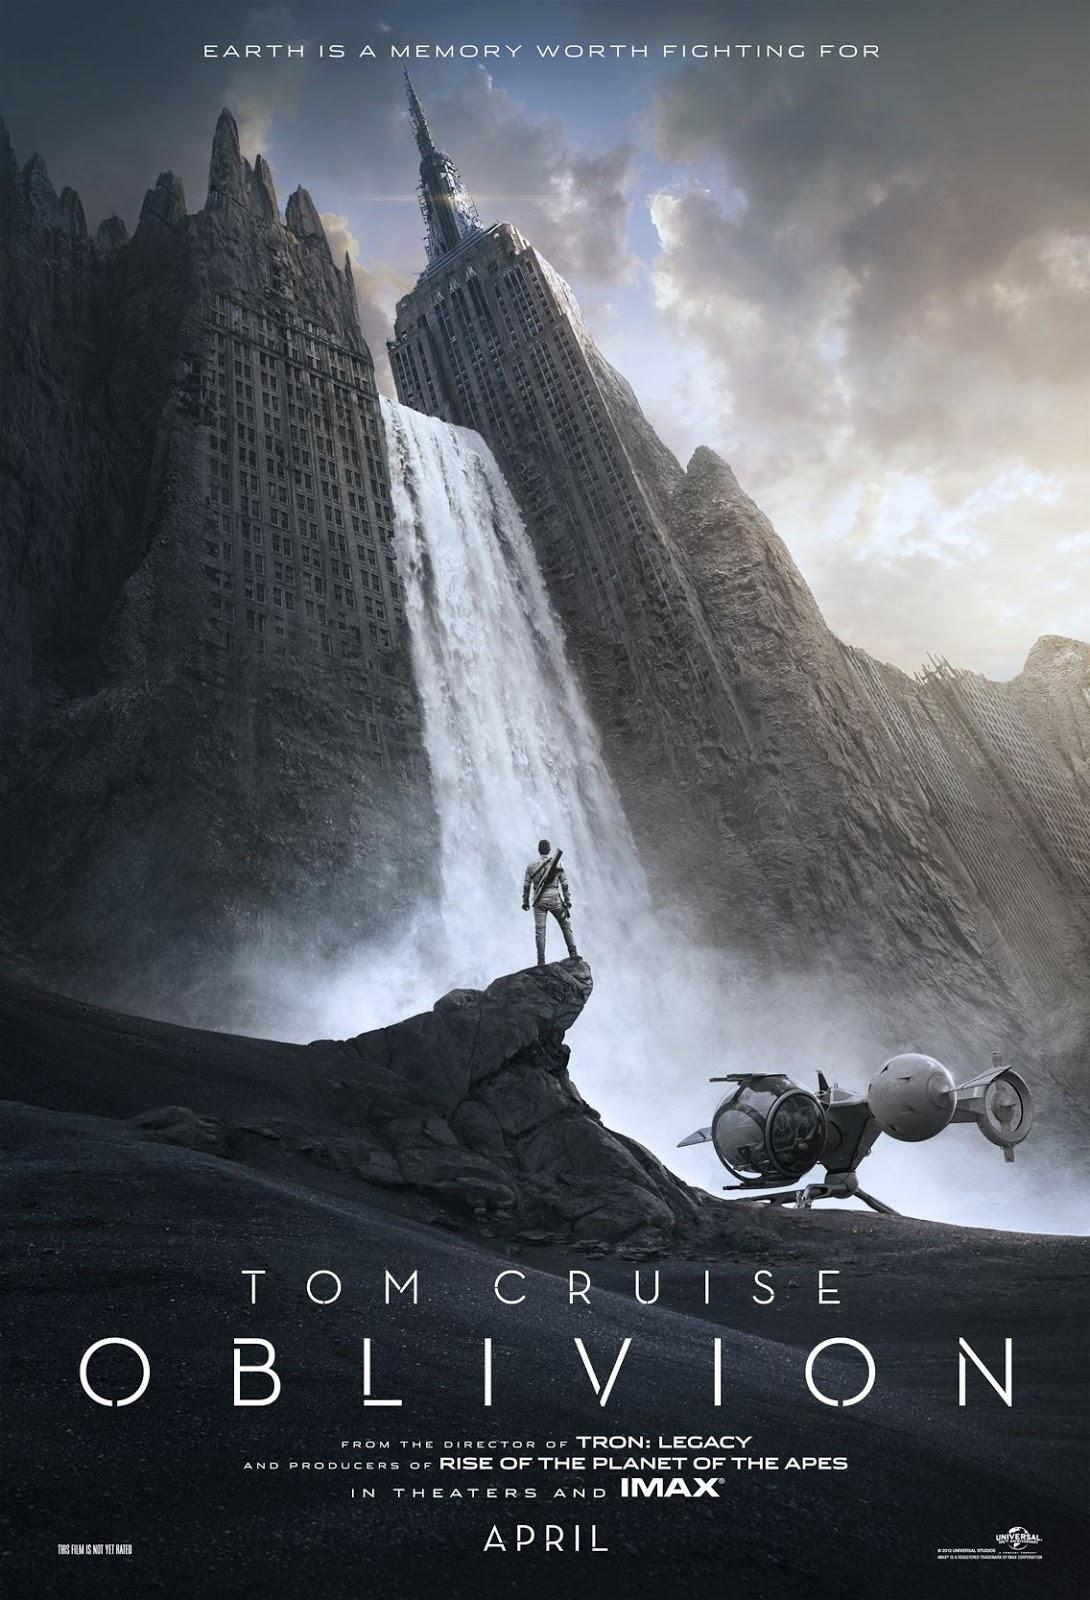 Affiche officielle du film de science-fiction 2013 Oblivion avec Tom Cruze en HD (Haute Définition).